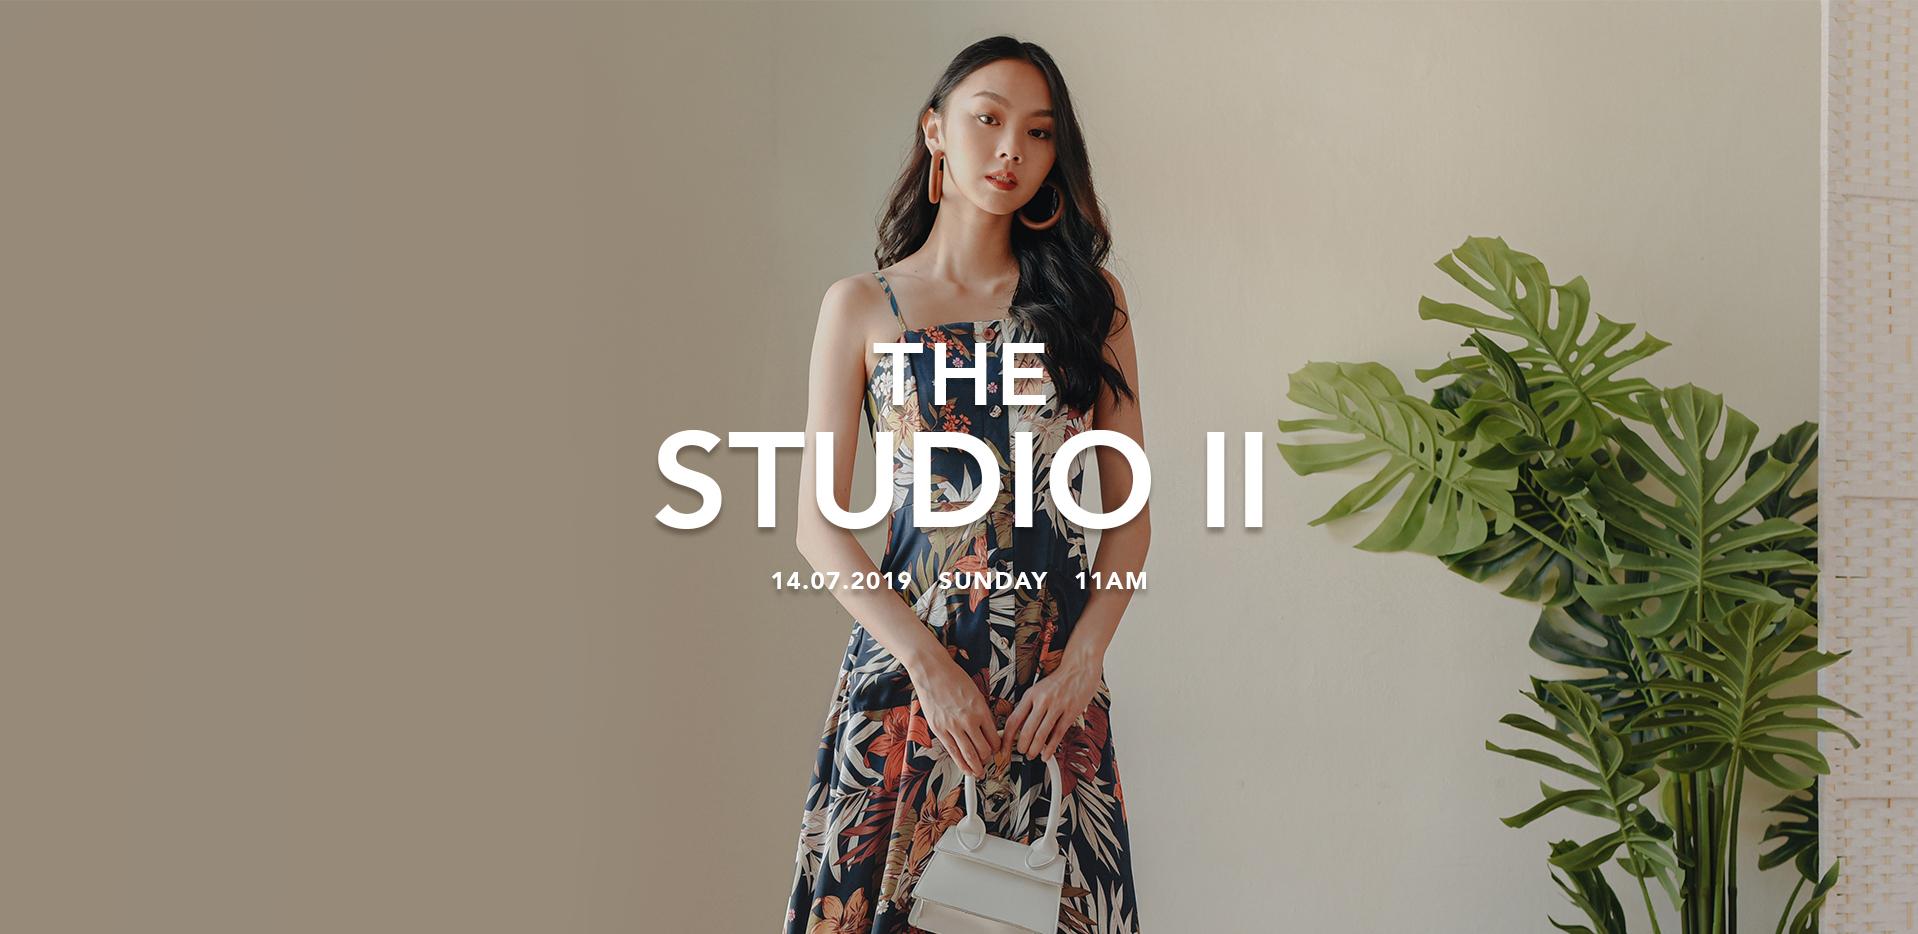 THE STUDIO II